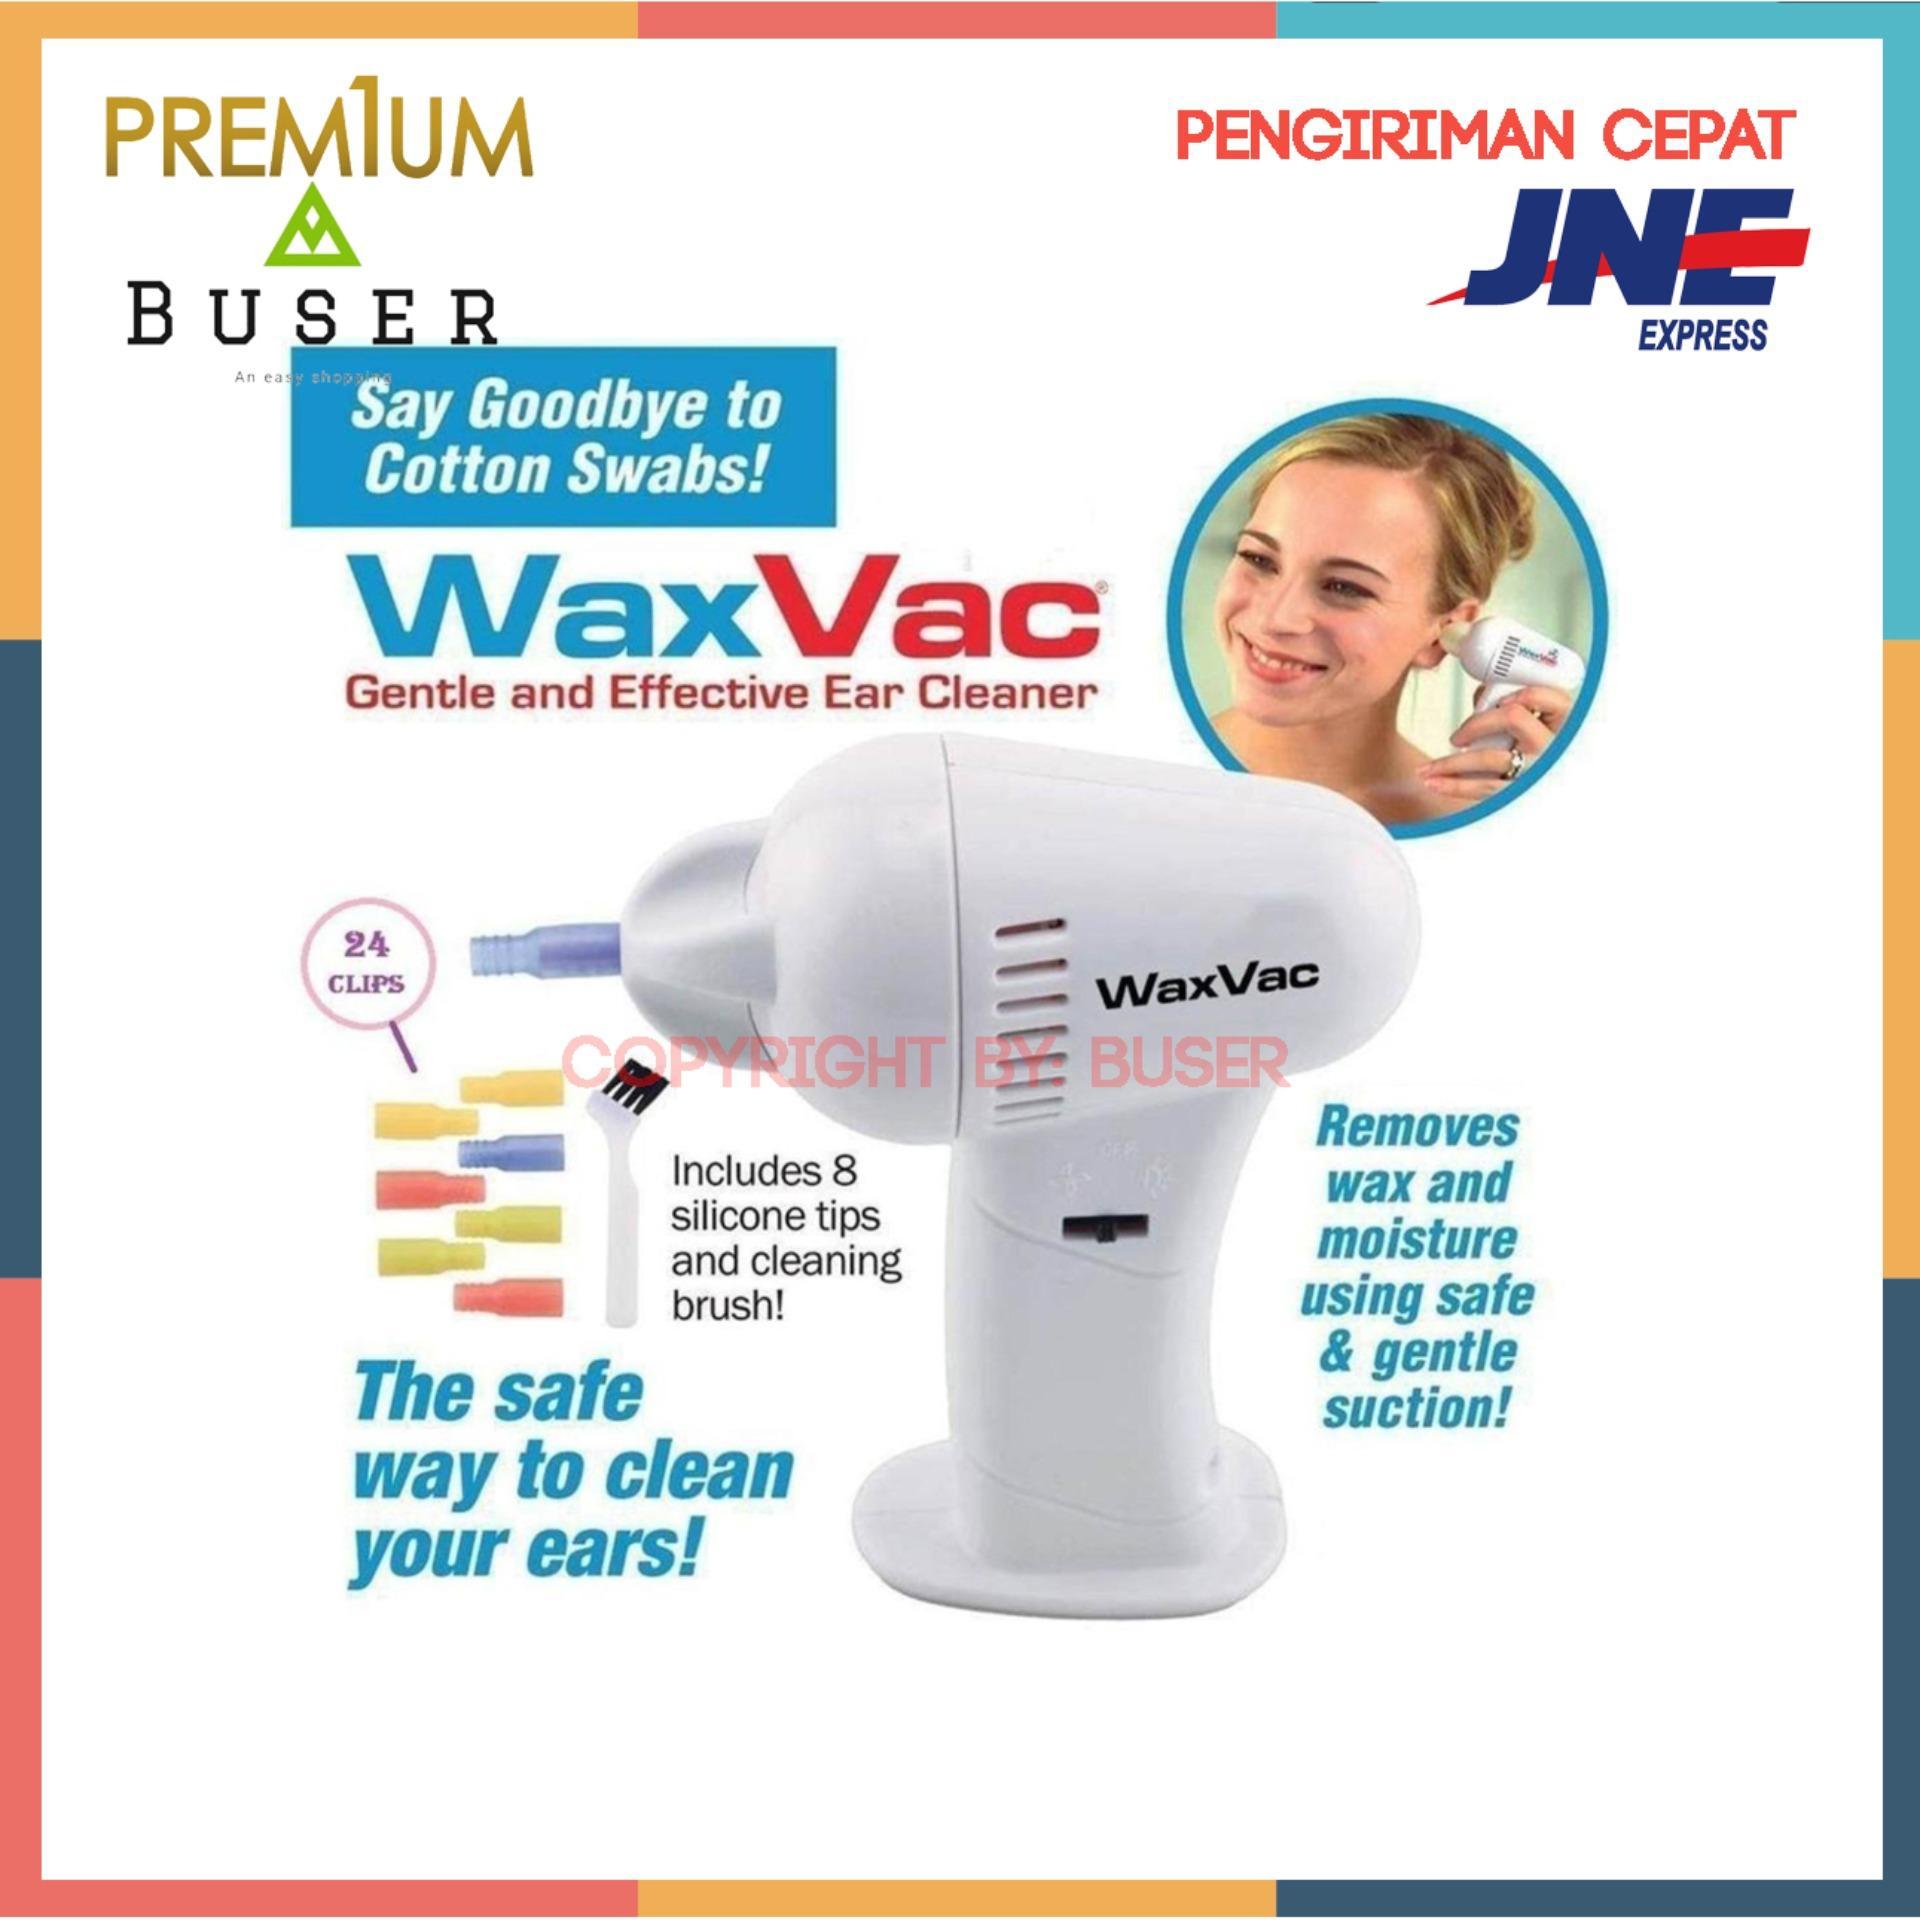 Wax Vac Electric Ear Wax Vacuum Vac Wax Removal / Pembersih Telinga